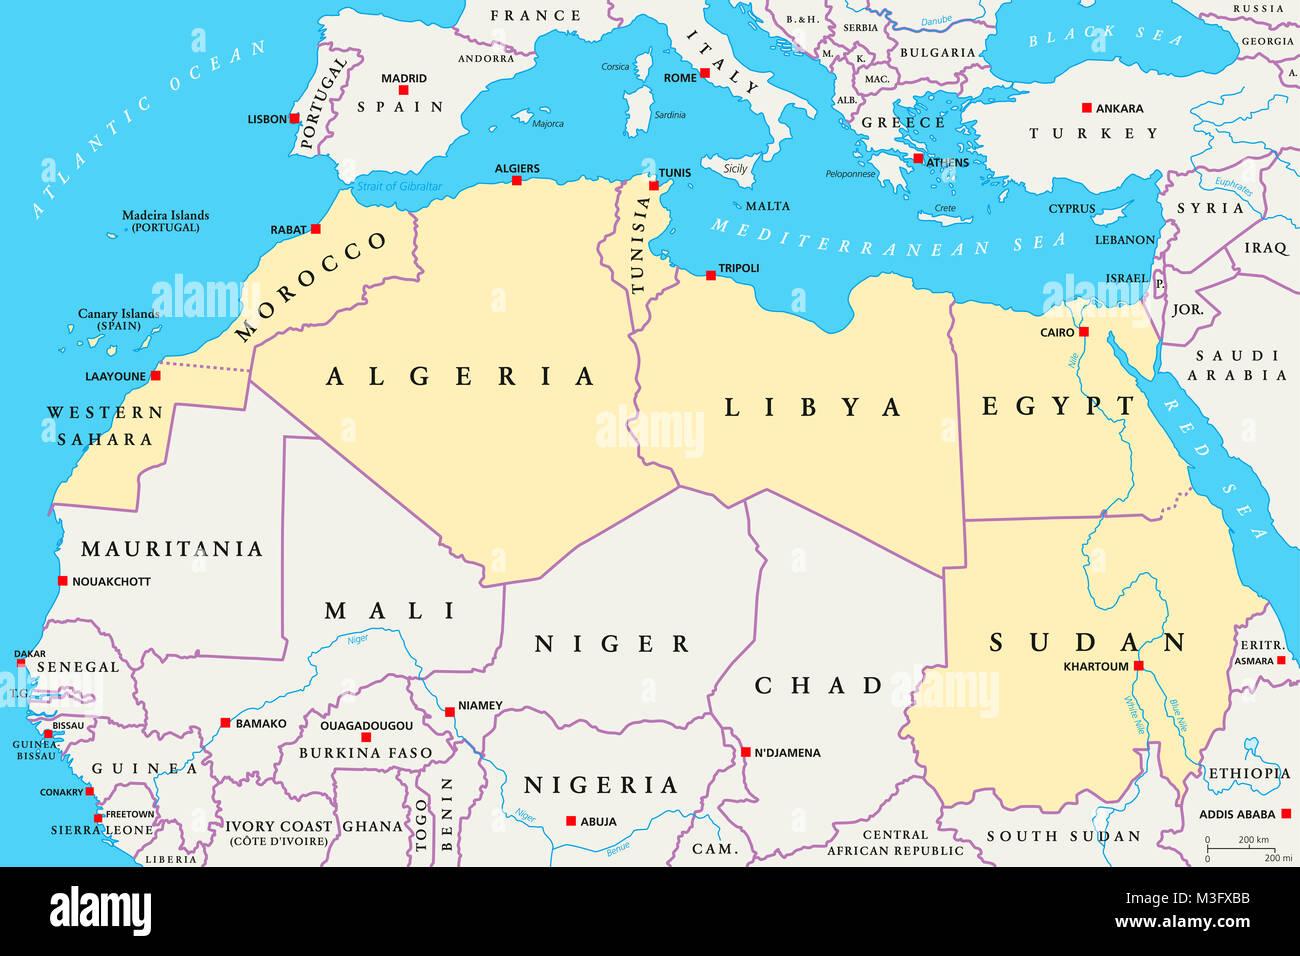 Cartina Africa Del Nord.Area Del Nord Africa Mappa Politico Colorato In Giallo Area Con